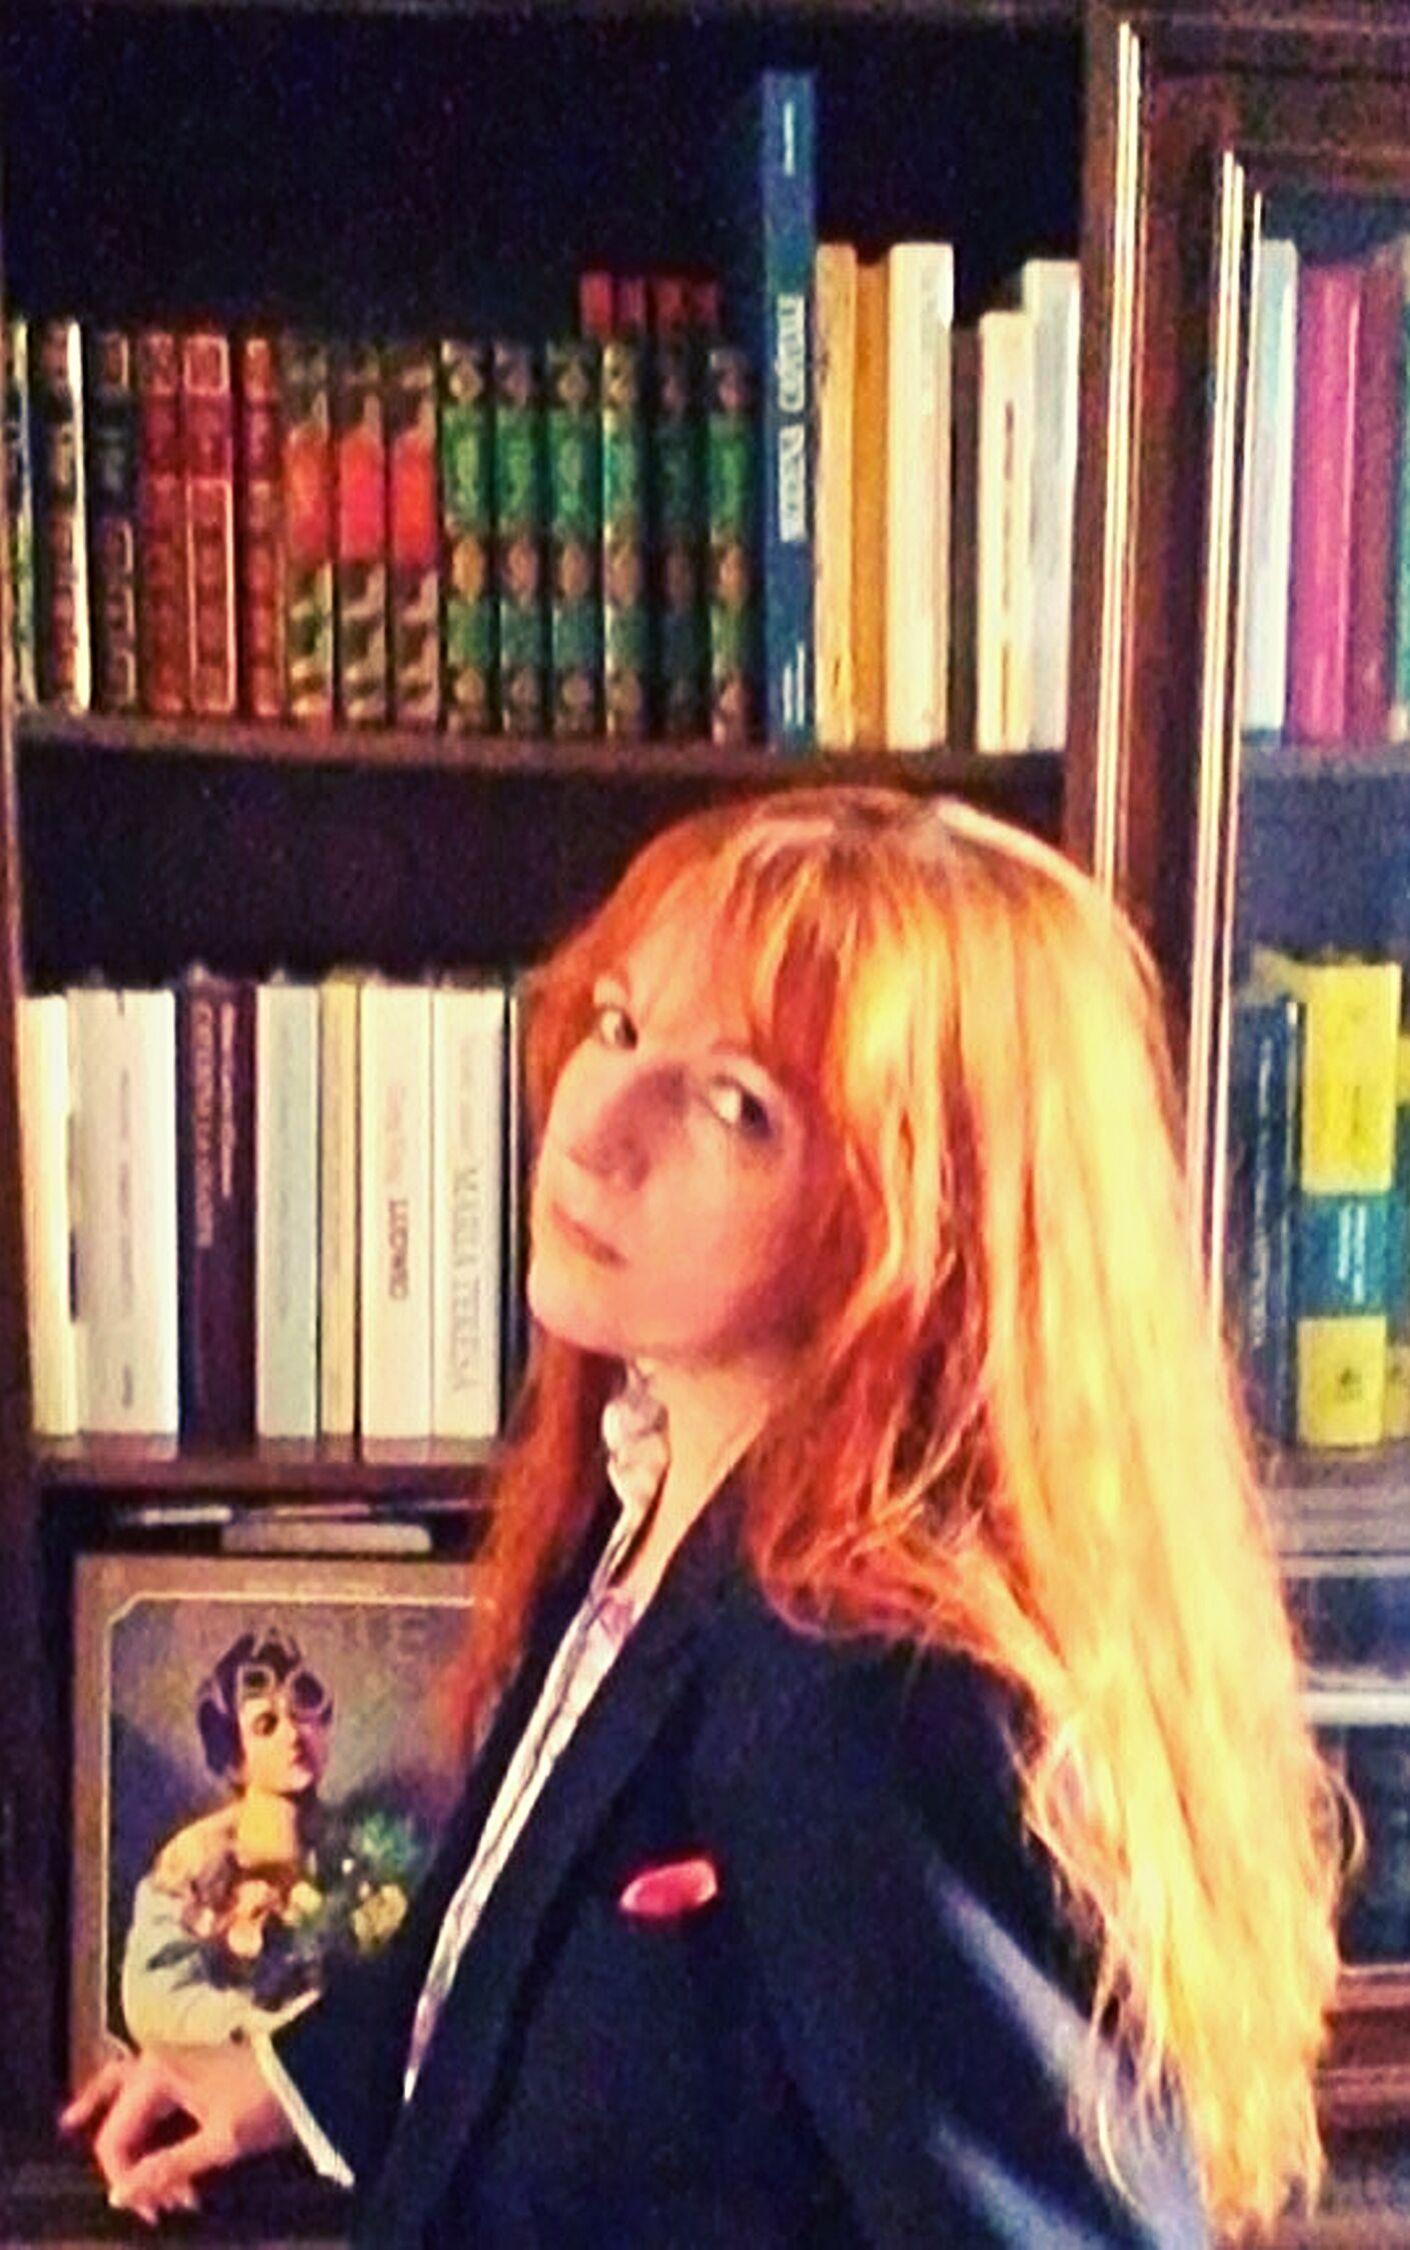 Le interviste di Marta Lock: Monica Buffagni, l'apertura all'altro come risorsa per crescere